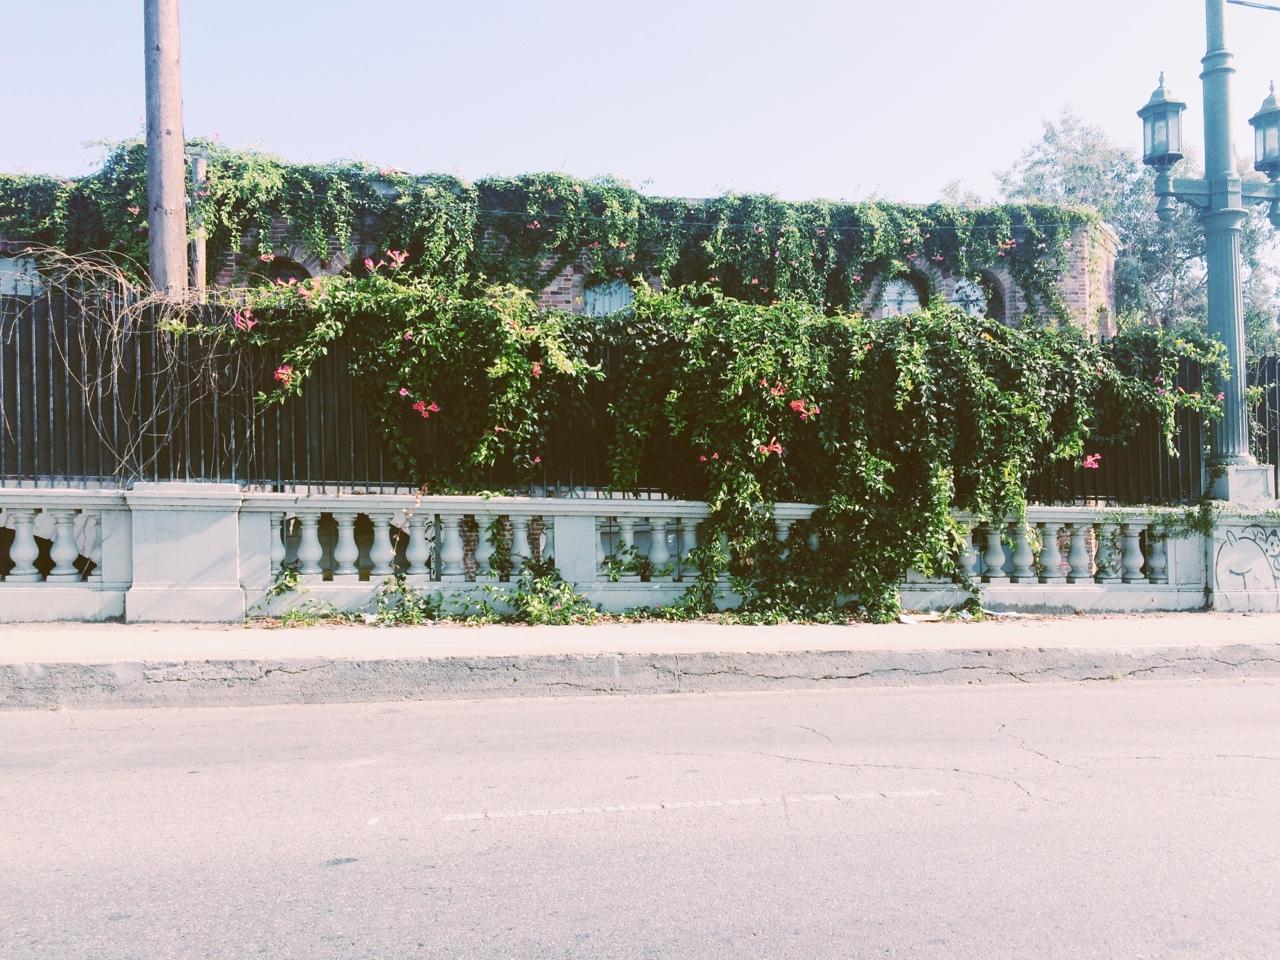 Downtown grass